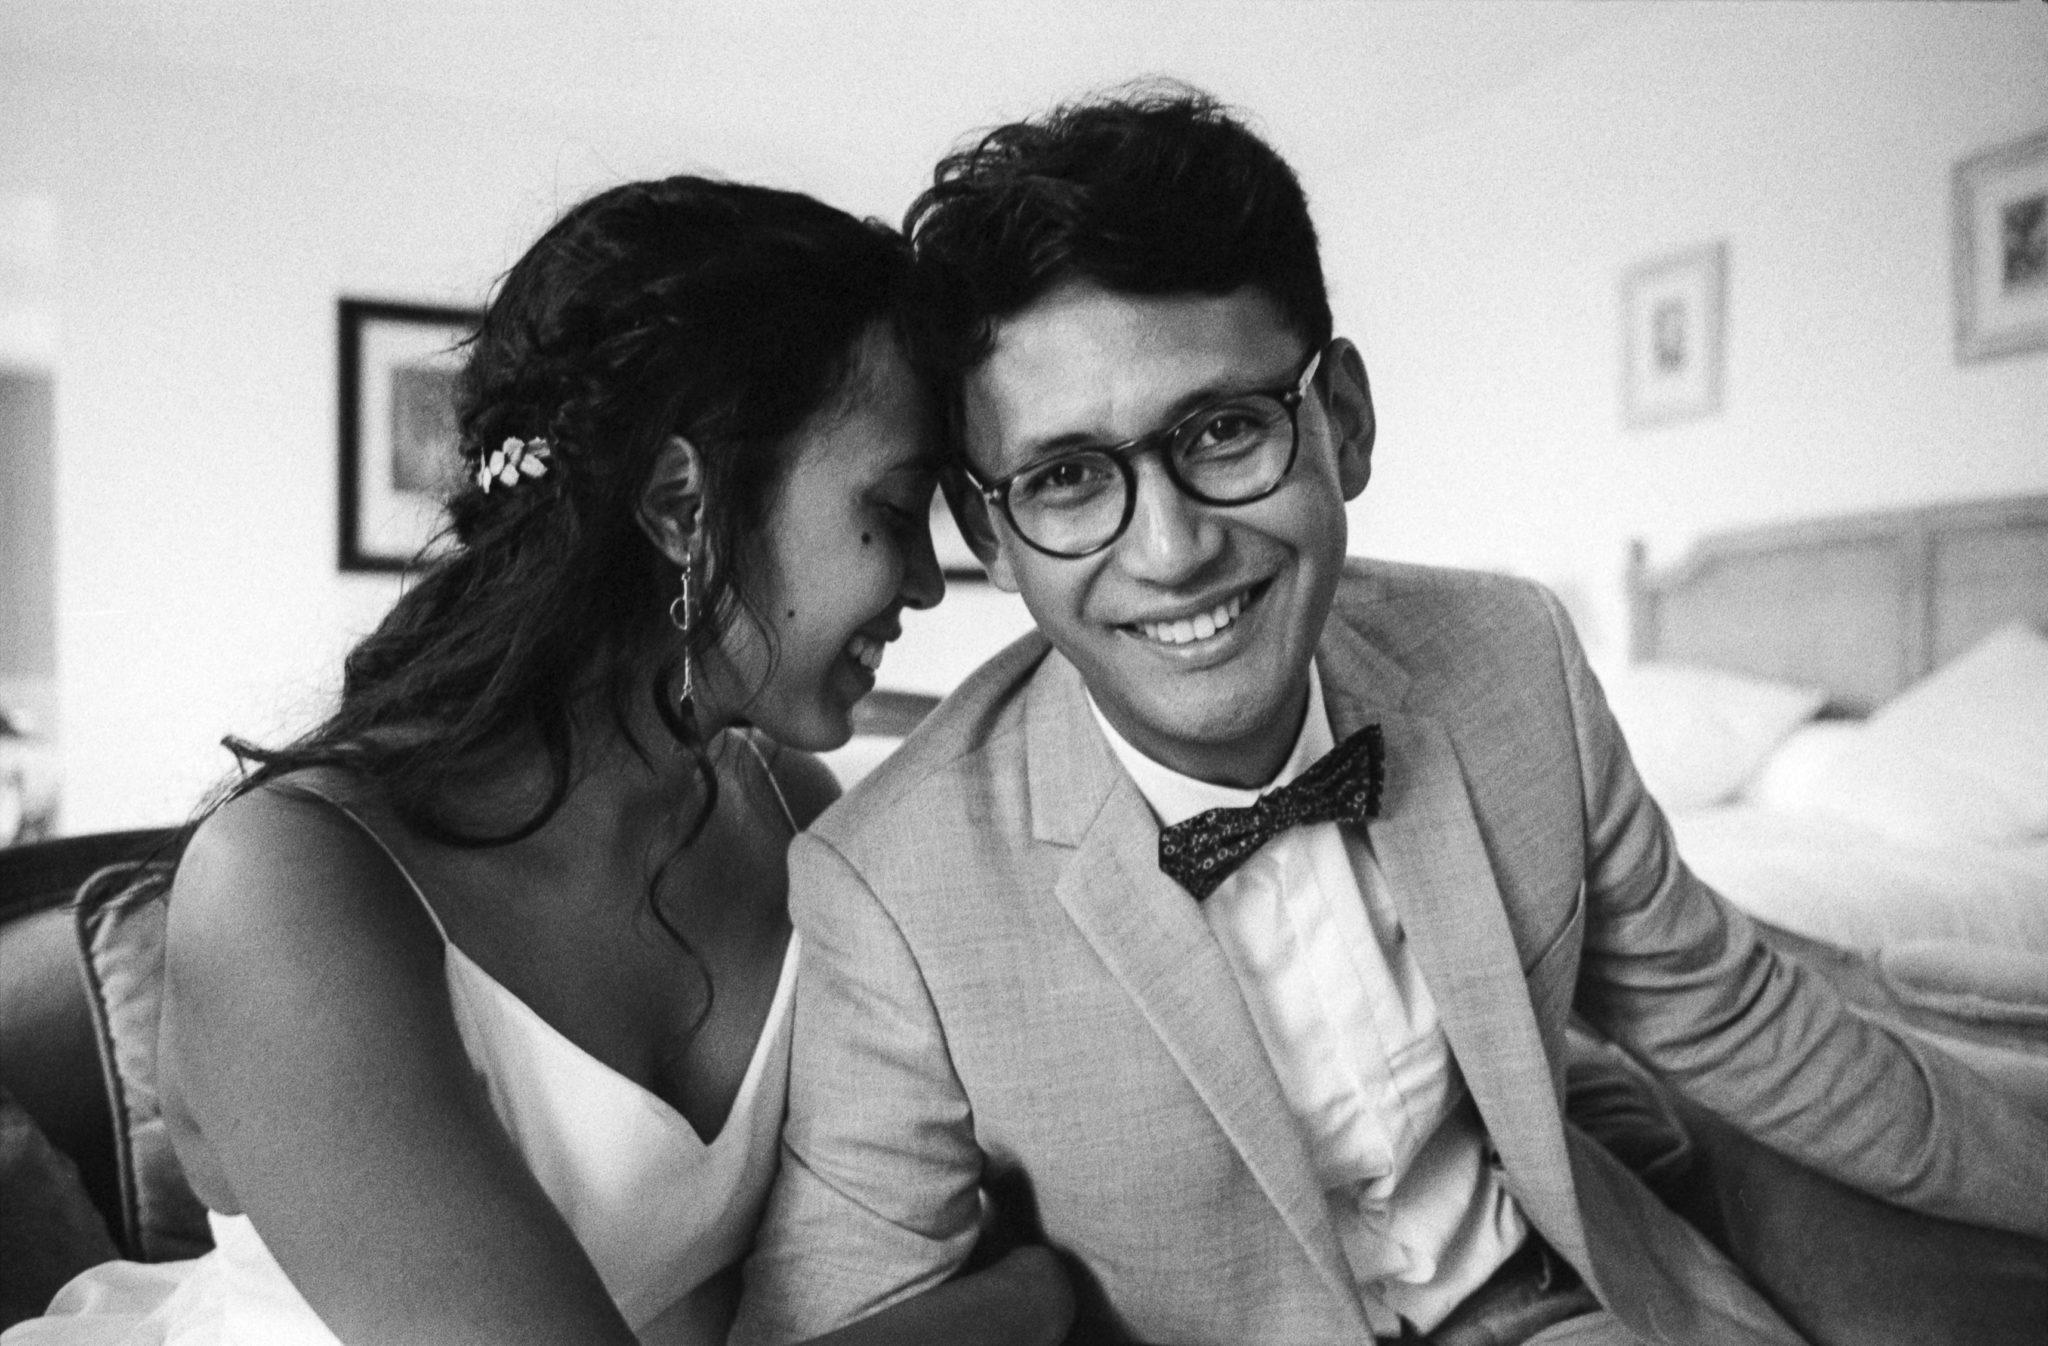 photographe mariage argentique Paris